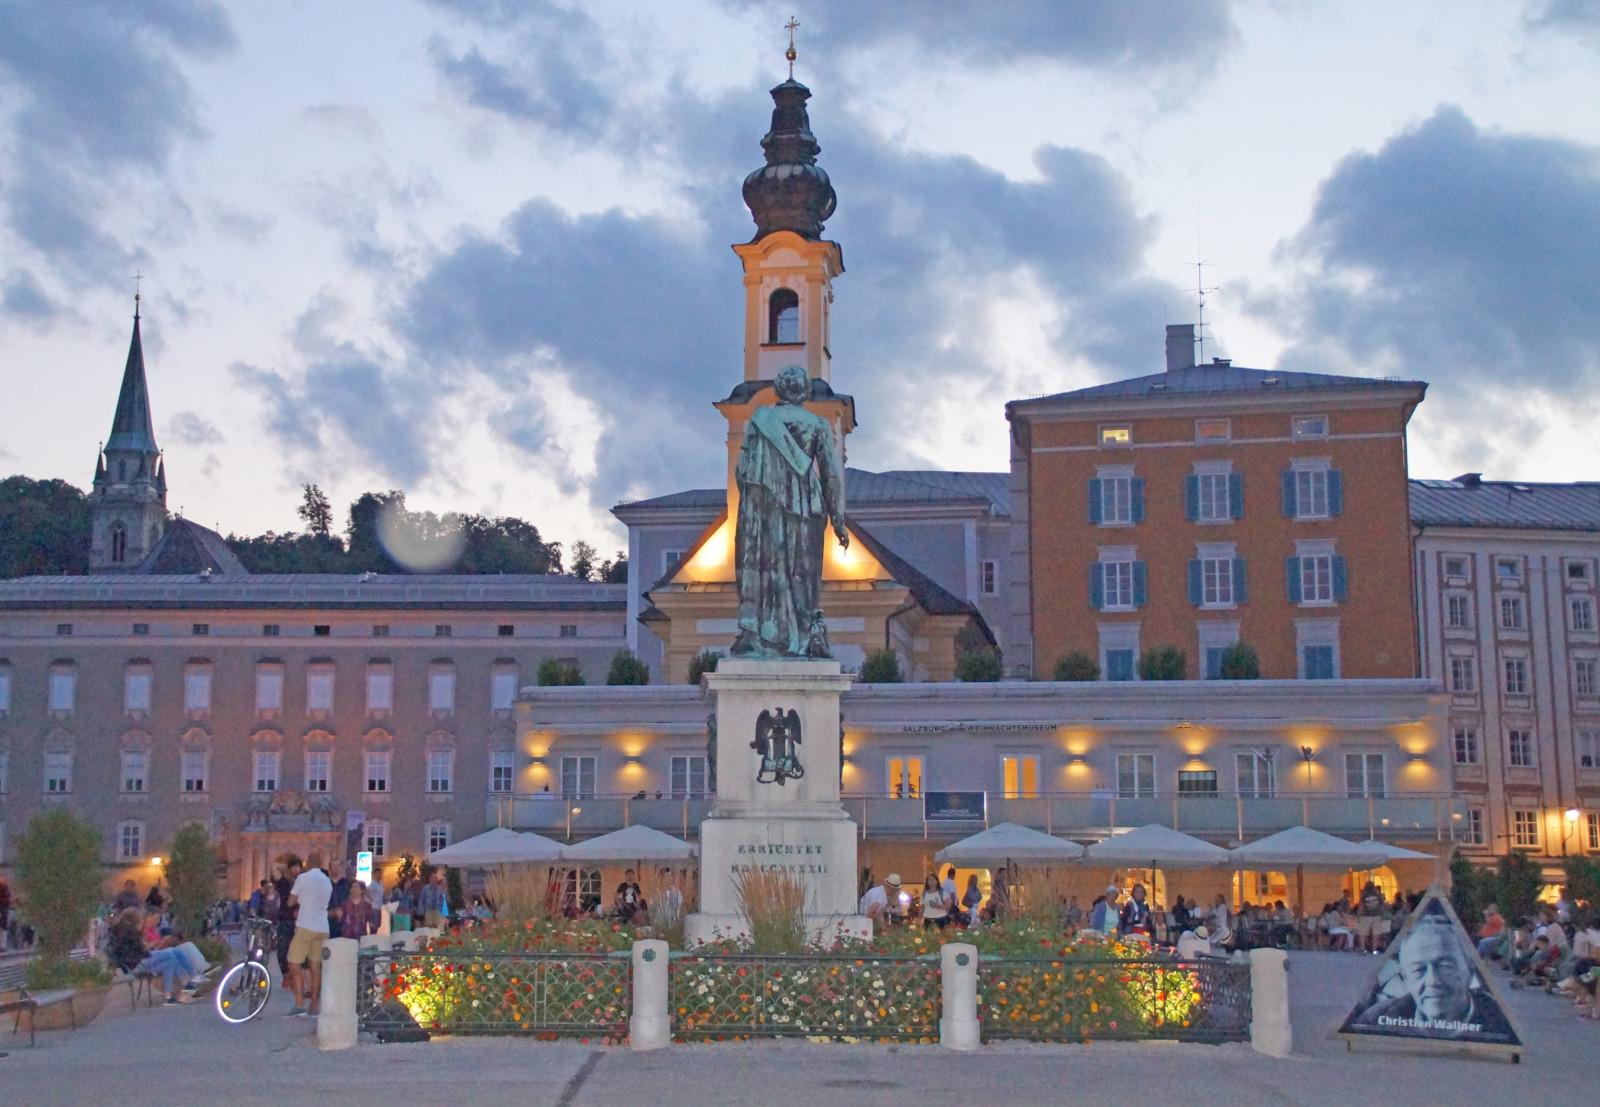 Lernen Sie in einer ca. 1,5 stündigen Stadtführung die düsteren Geheimnisse von Salzburg kennen.